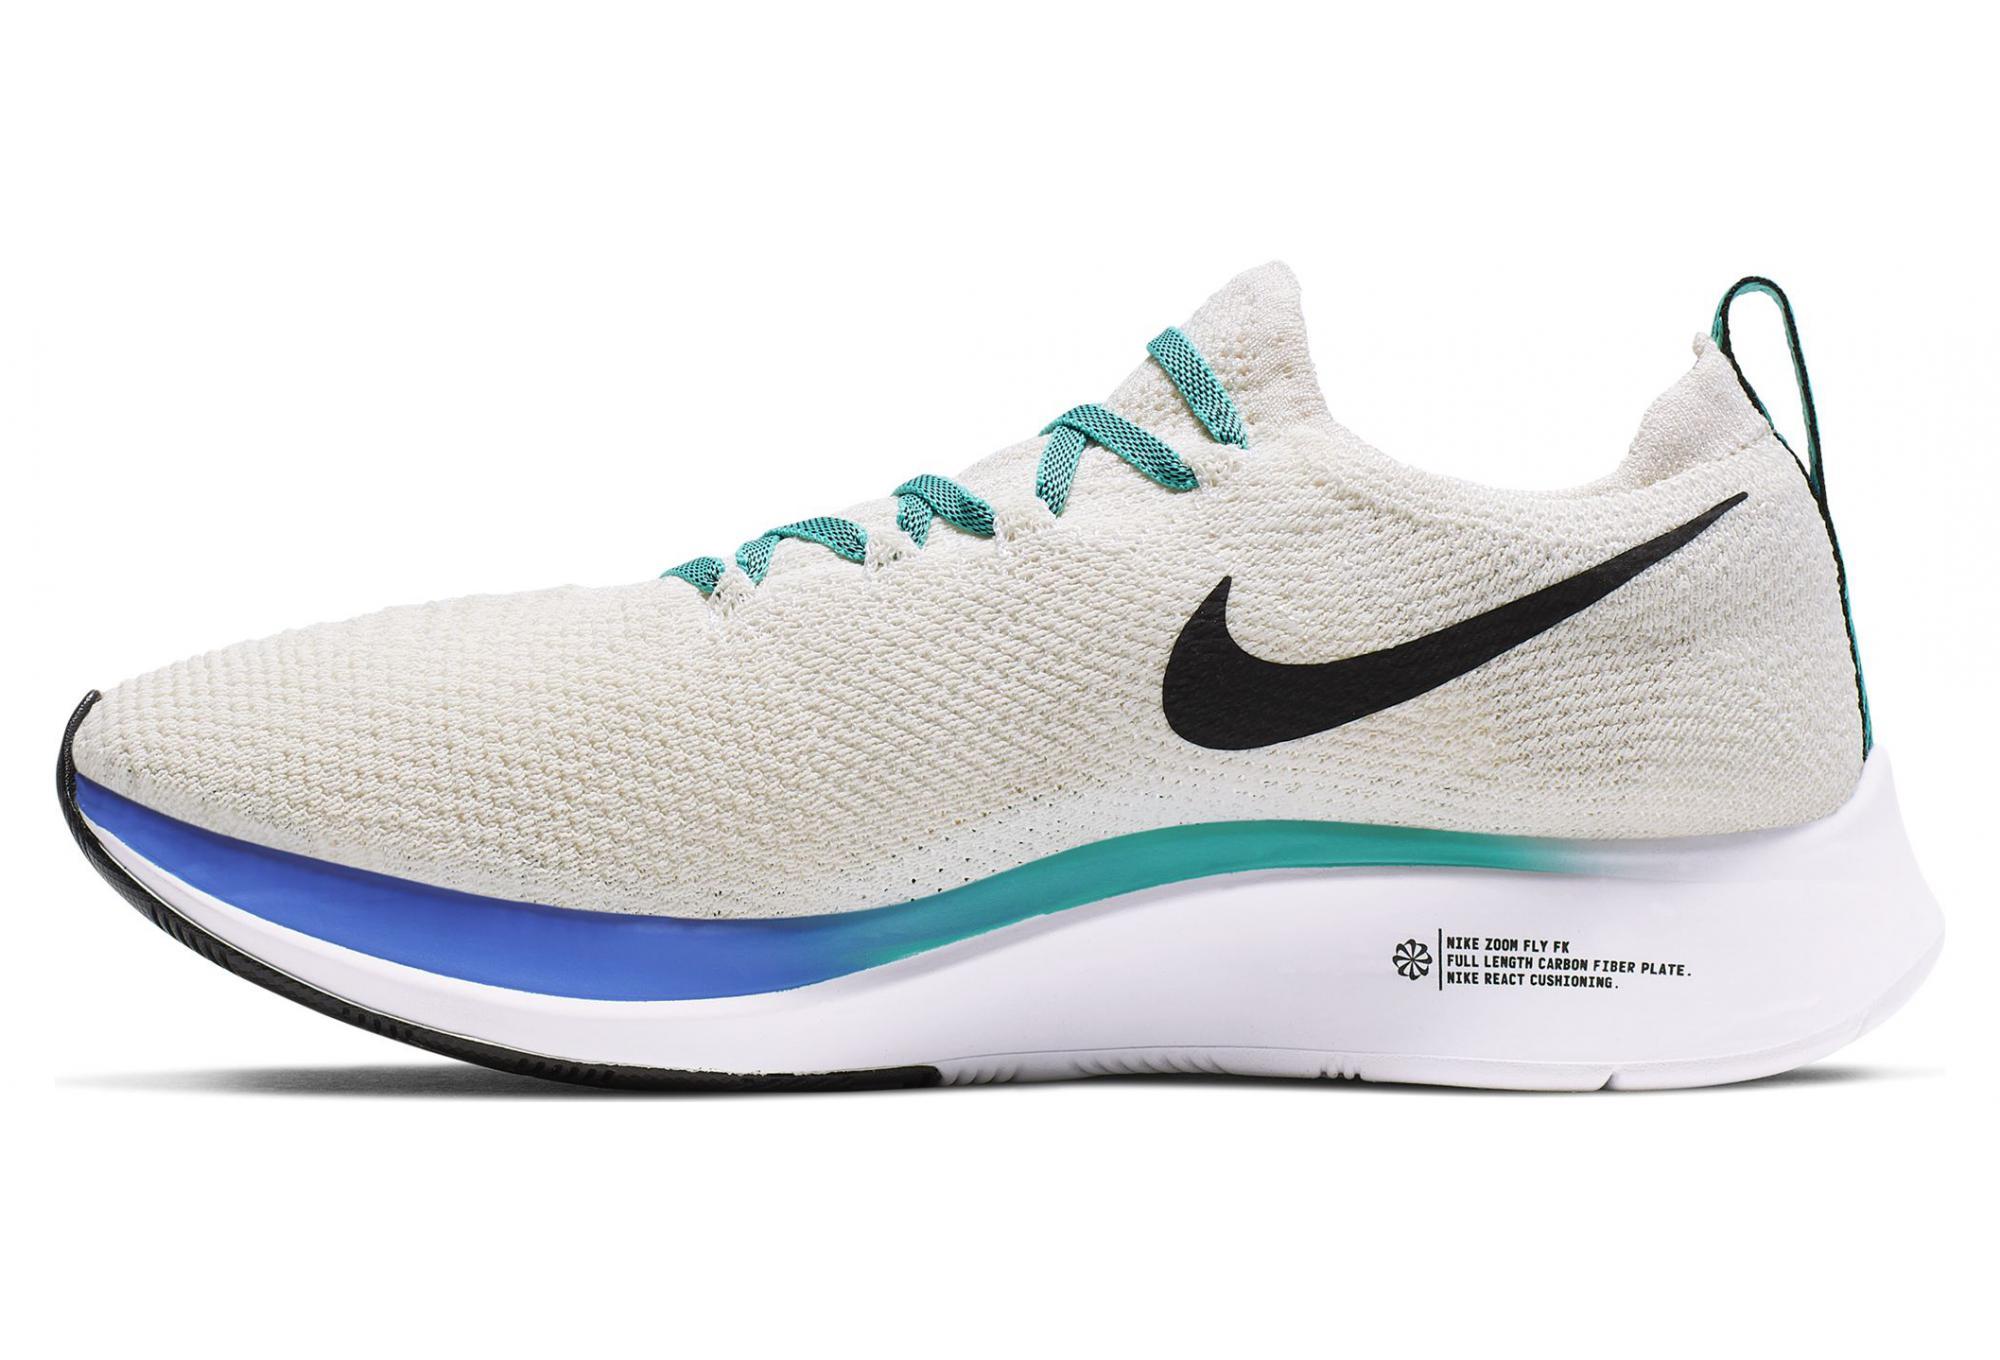 Nike Zoom Fly Flyknit Blanc Bleu Femme